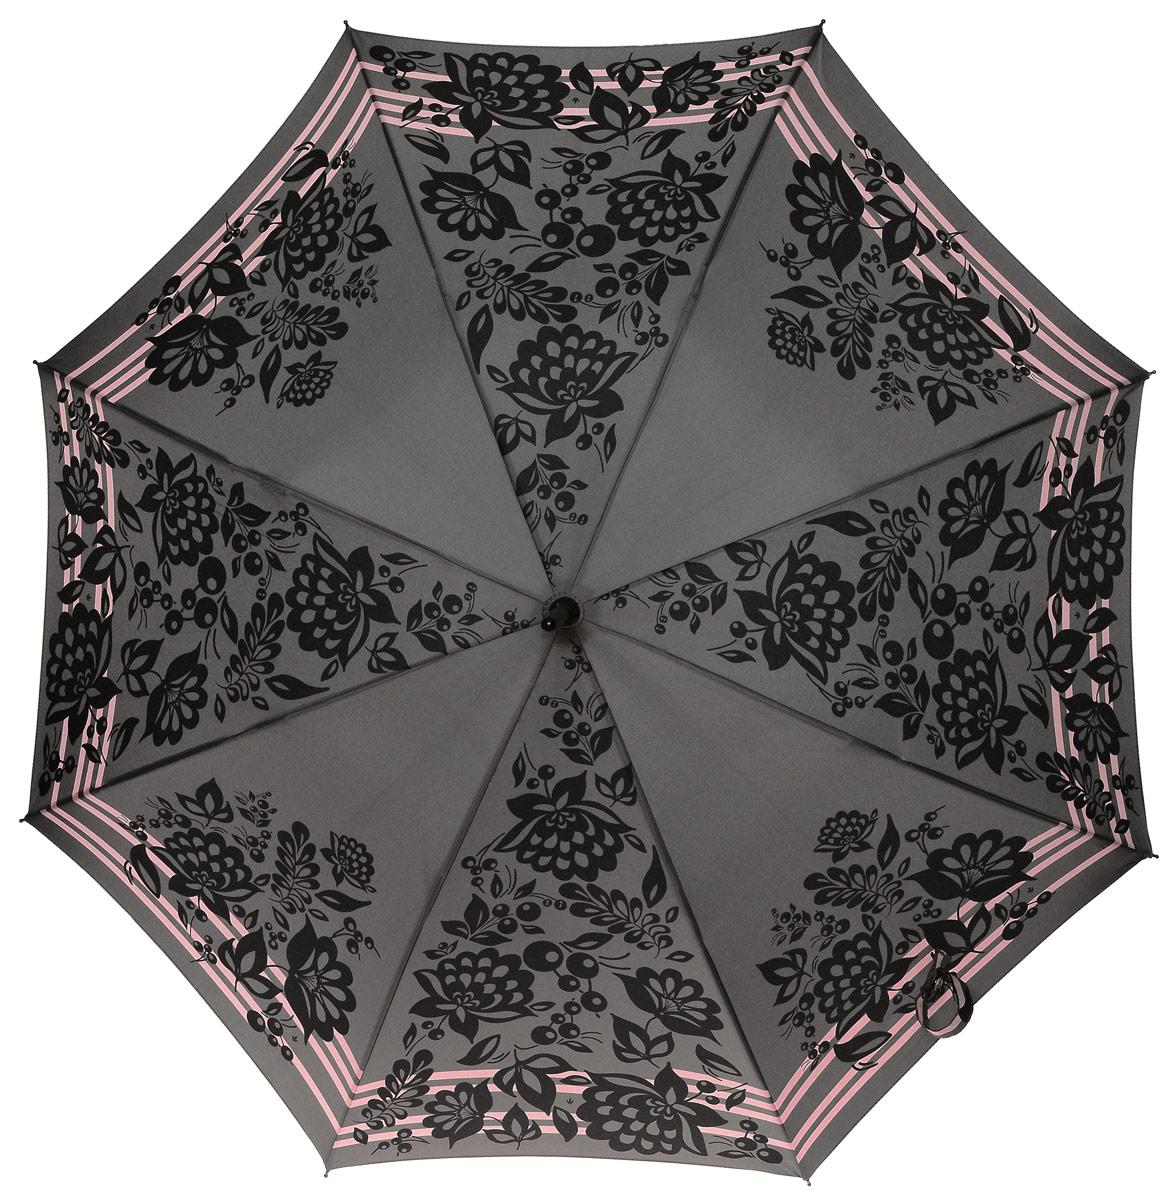 Зонт-трость женский Fulton, механический, цвет: серый, черный. L056-28313.7-12 navyСтильный зонт-трость Fulton даже в ненастную погоду позволит вам оставаться стильной и элегантной. Каркас зонта включает 8 спиц из фибергласса и состоит из стержня, изготовленного из прочной и ветроустойчивой стали. Купол зонта выполнен из высококачественного полиэстера. Рукоятка закругленной формы, разработанная с учетом требований эргономики, изготовлена из пластика.Зонт механического сложения: купол открывается и закрывается вручную до характерного щелчка. Такой зонт не только надежно защитит вас от дождя, но и станет стильным аксессуаром, который идеально подчеркнет ваш неповторимый образ.